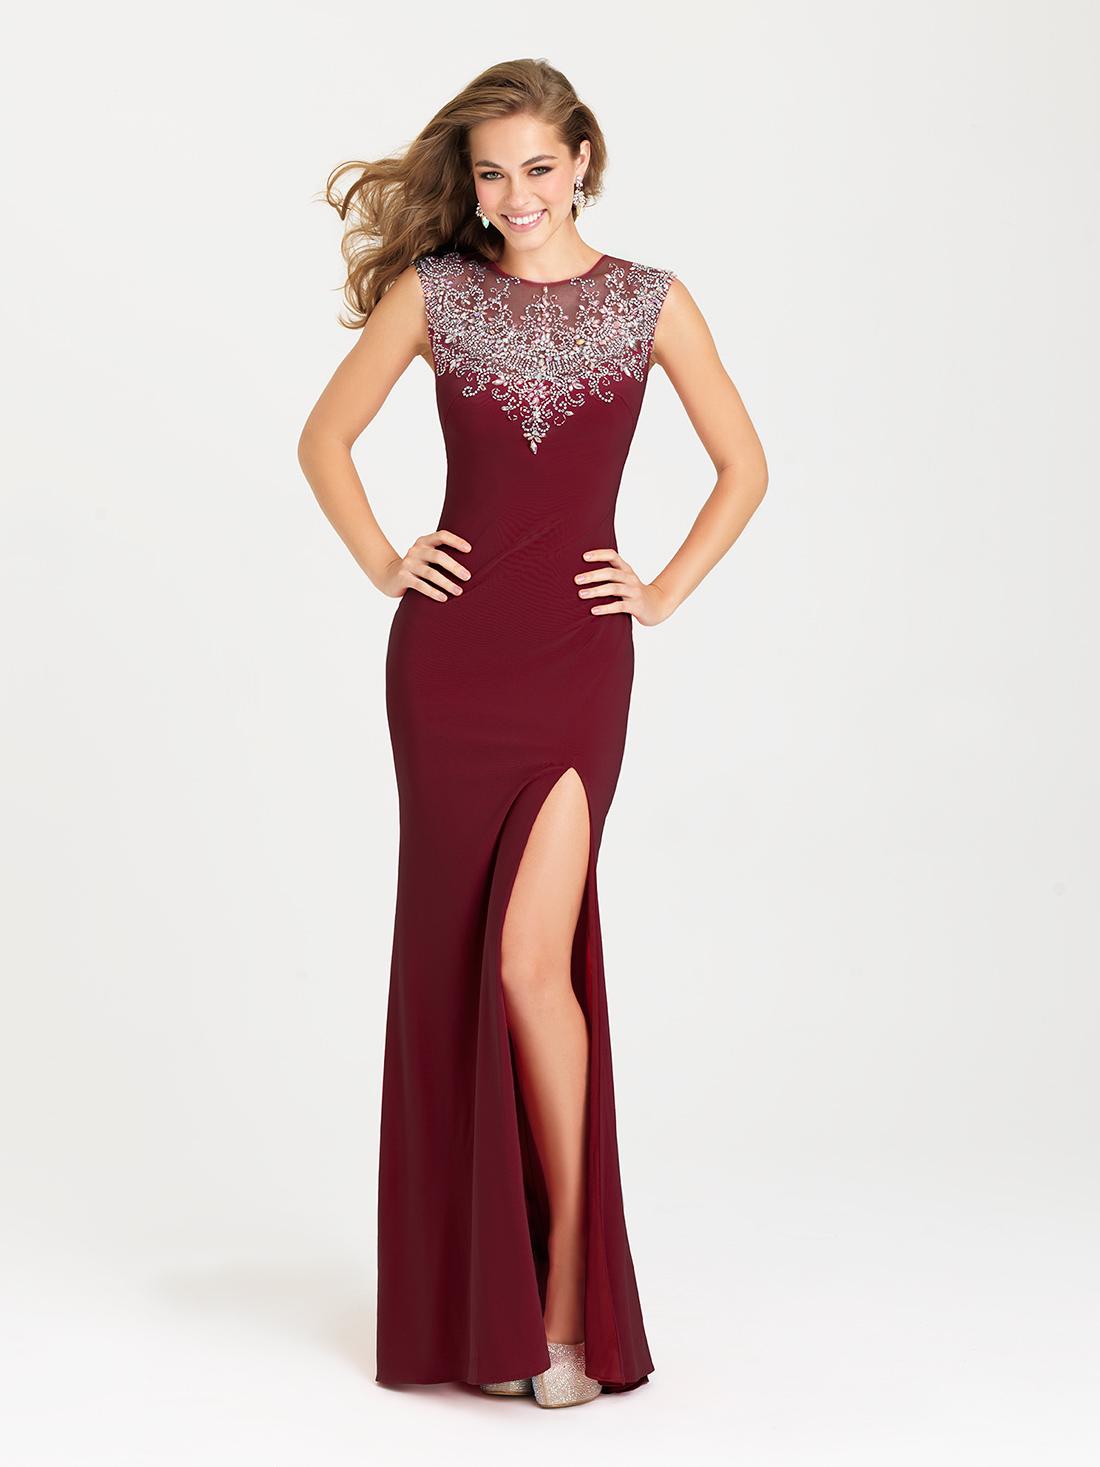 Vestidos De Gala Largos Con Corte En La Pierna Promo Code For 80dd4 059c6